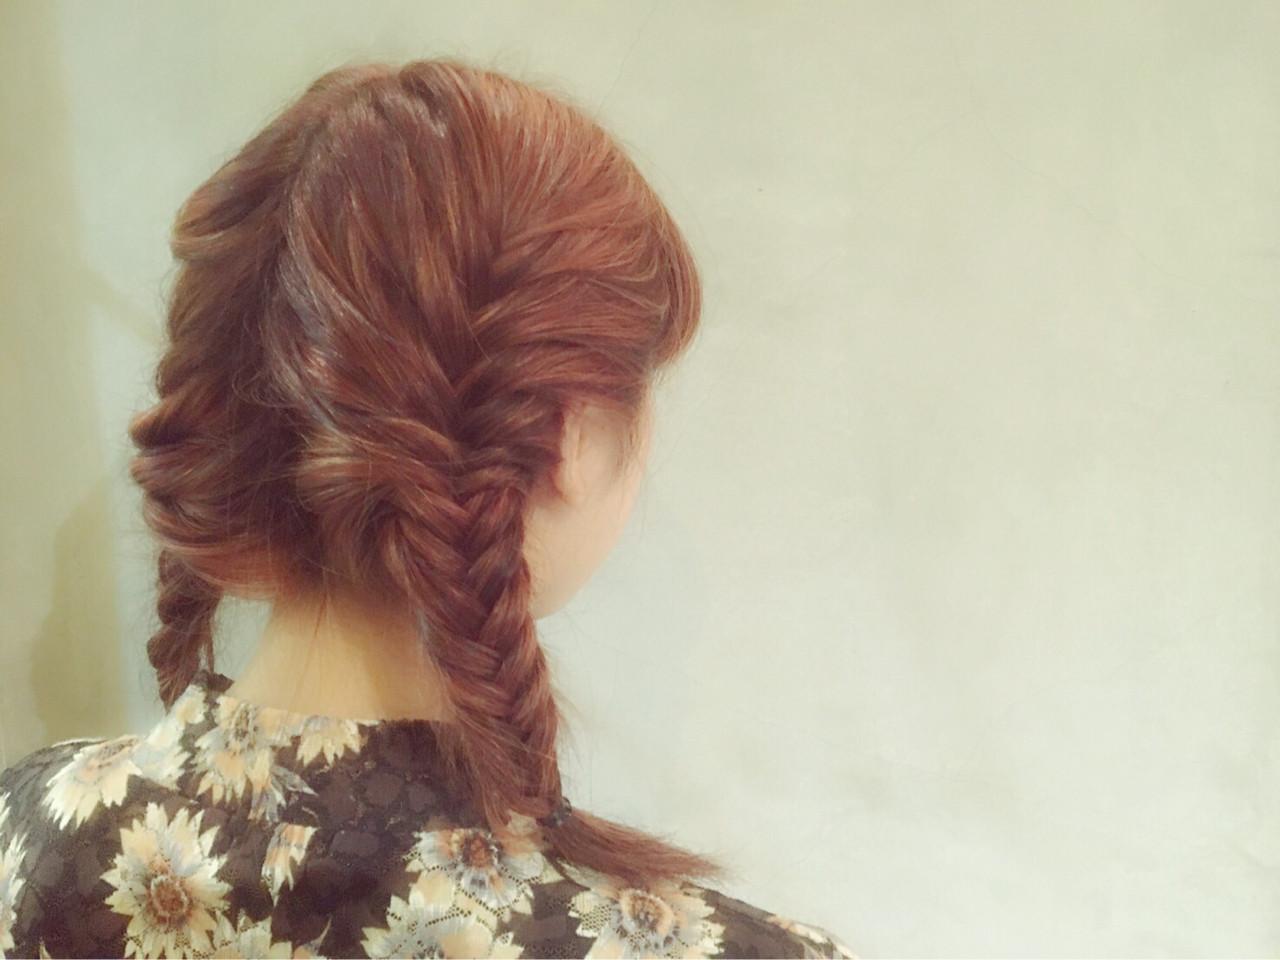 ガーリー ピュア ハイライト ショート ヘアスタイルや髪型の写真・画像 | 河口 芳美 / Musee井田